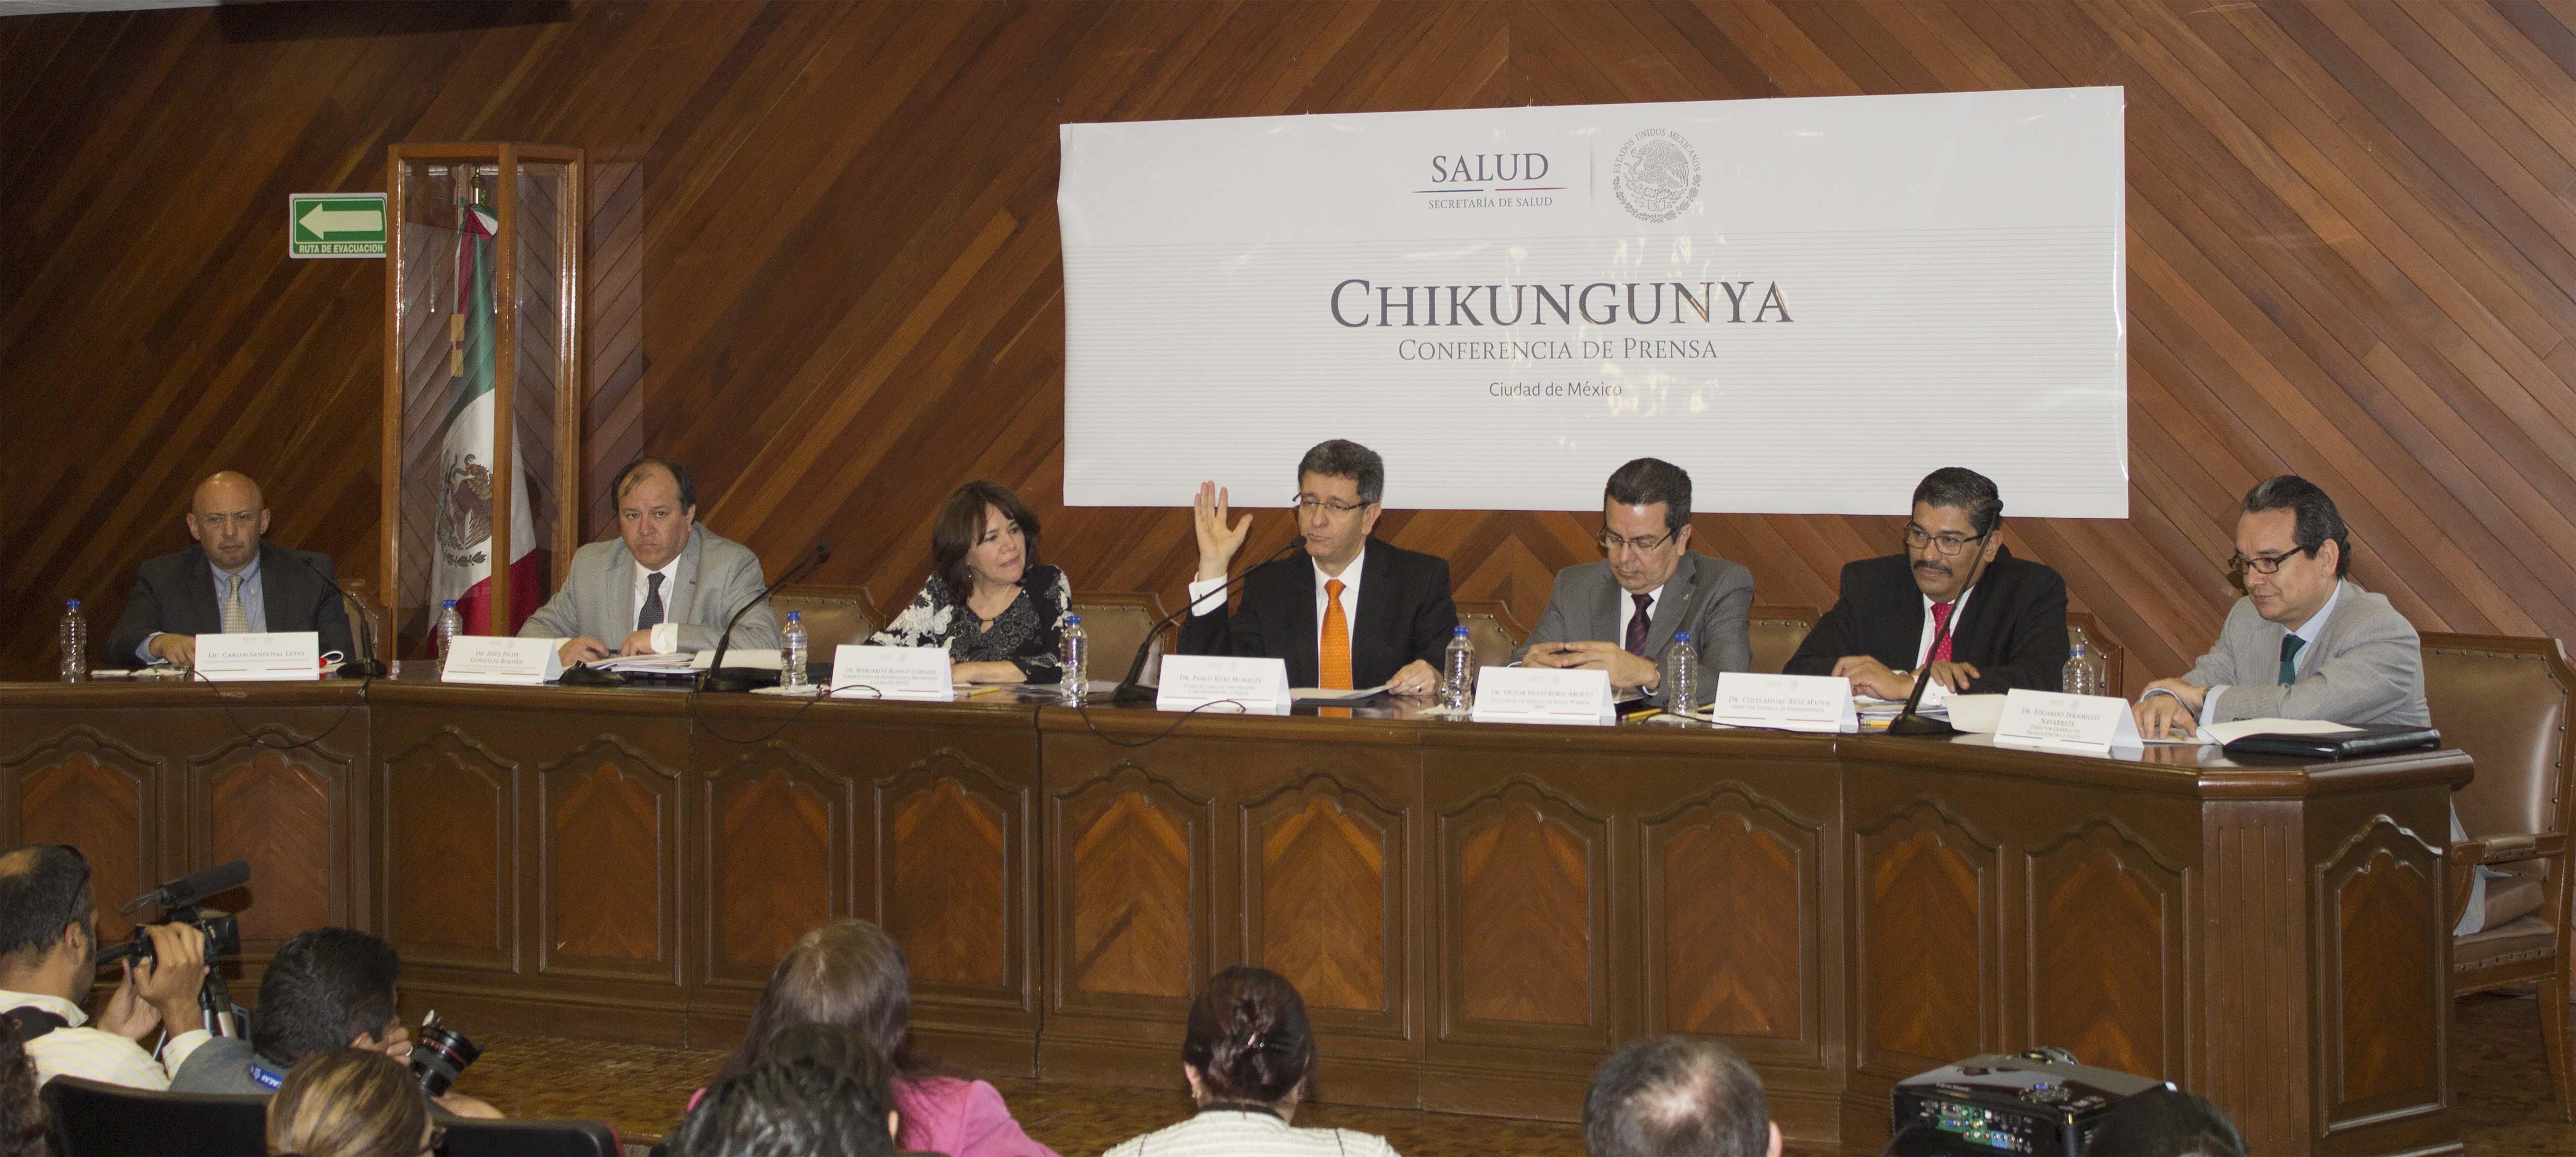 Conferencia de Prensa Chikungunya 260315  1 jpg